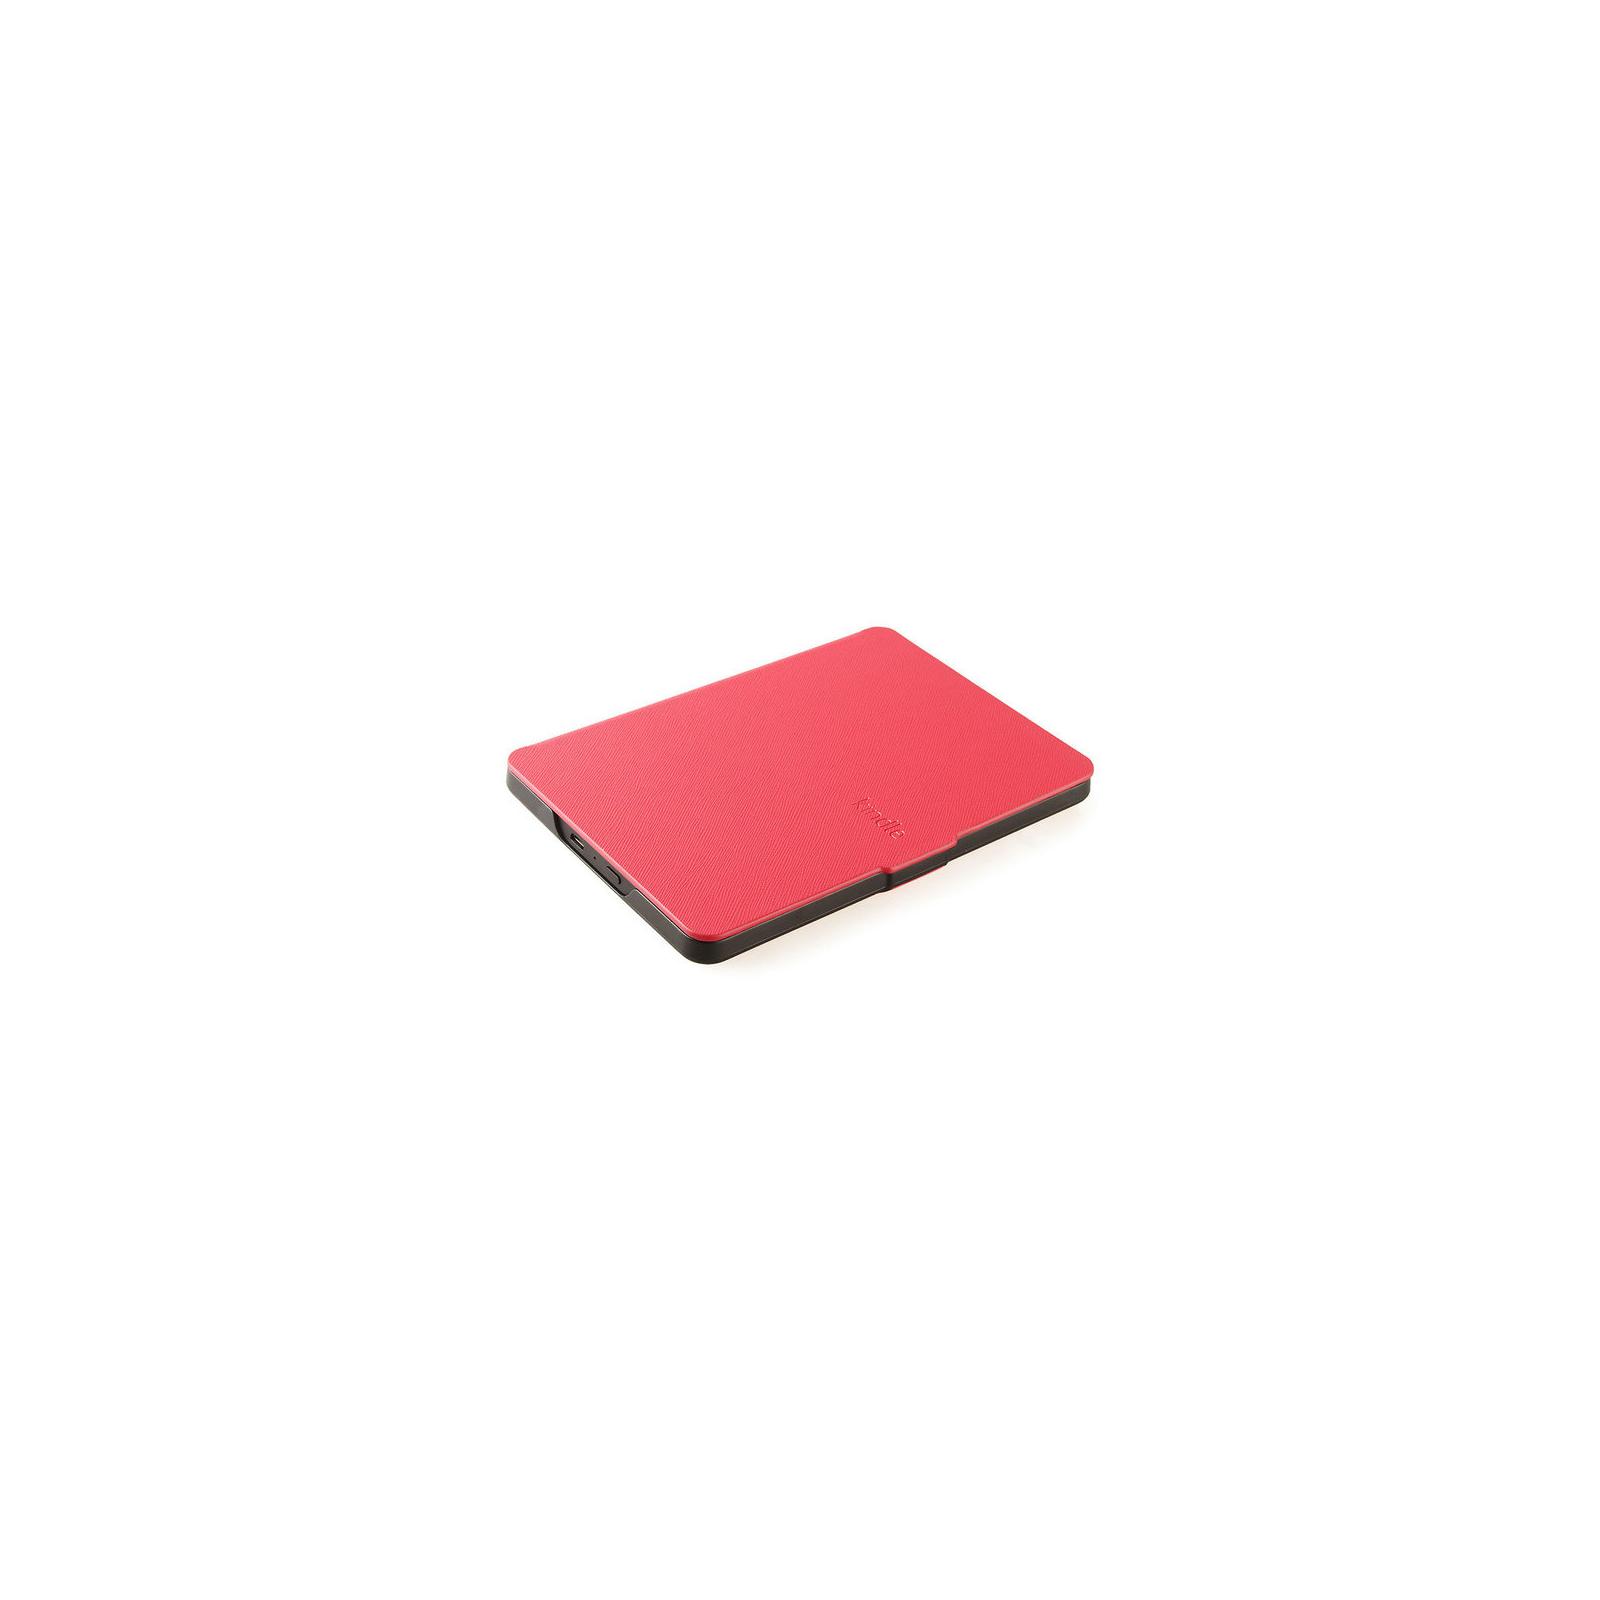 Чехол для электронной книги AirOn для Amazon Kindle 6 red (4822356754499) изображение 4